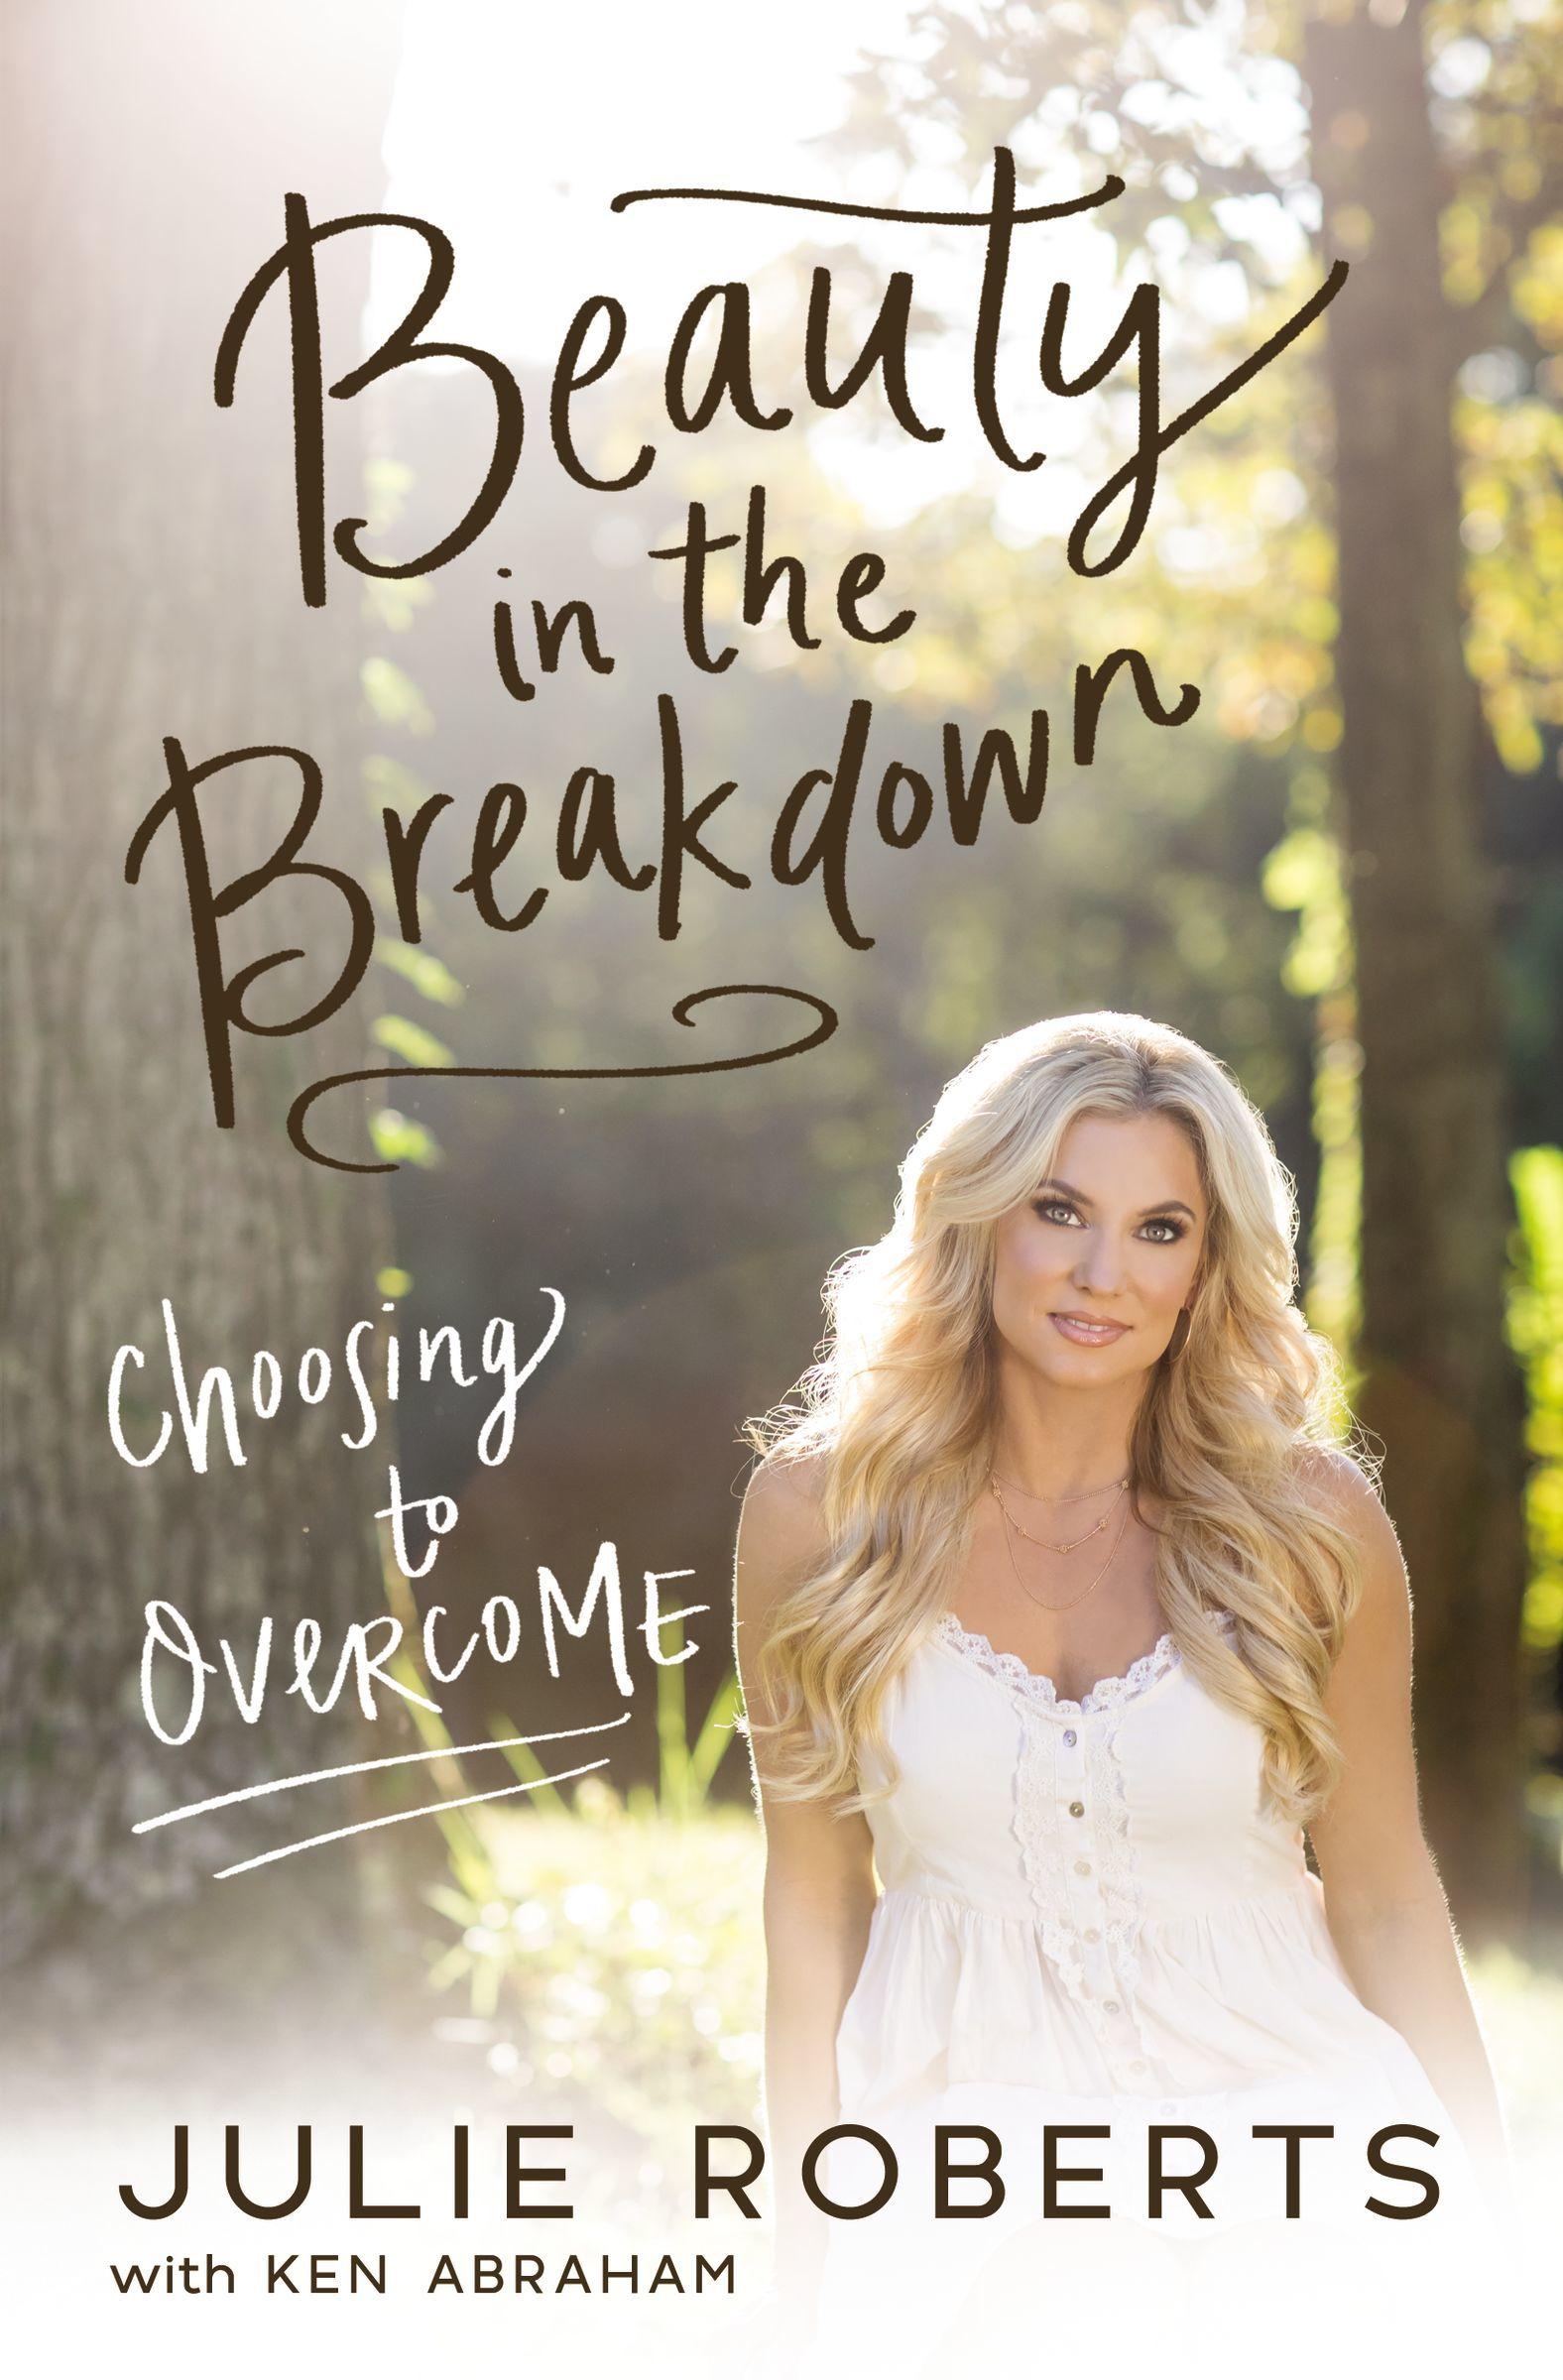 Beauty in the Breakdown: Choosing to Overcome